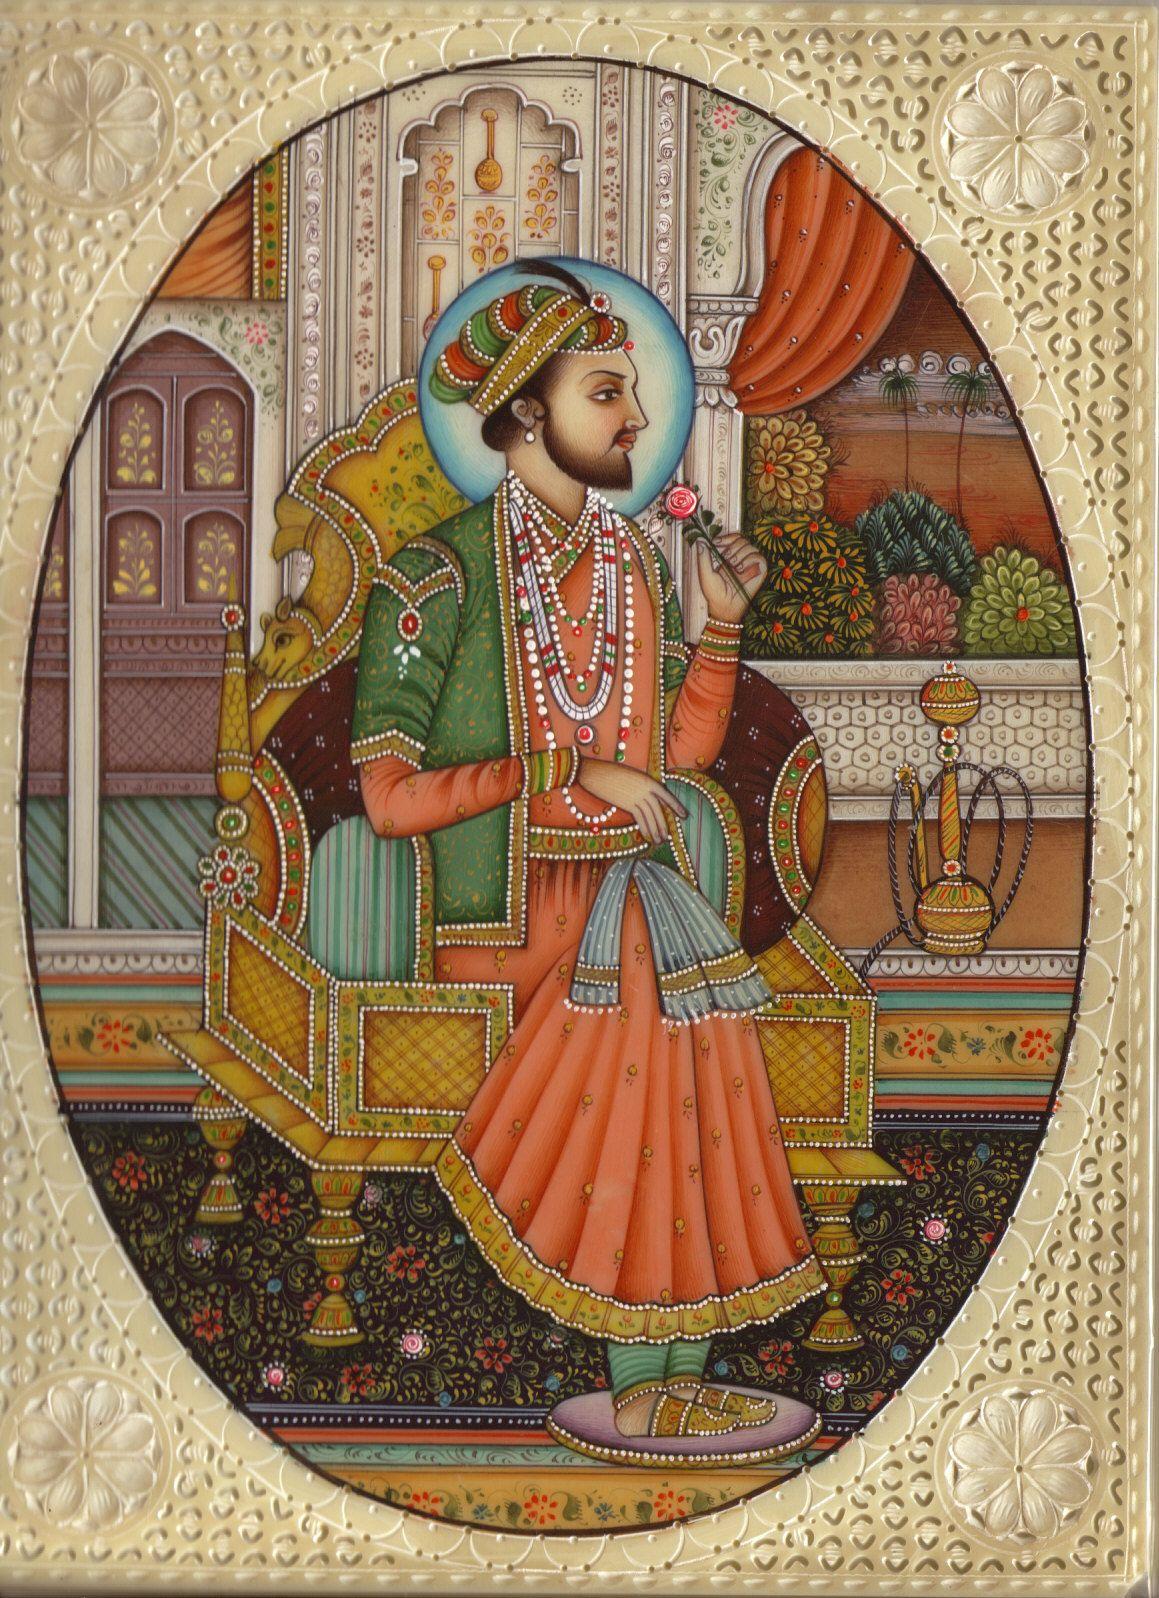 Mughal Miniature Painting Emperor Shah Jahan Rare Mogul Art from ArtnIndia    Mughal art paintings, Mughal miniature paintings, Mughal paintings